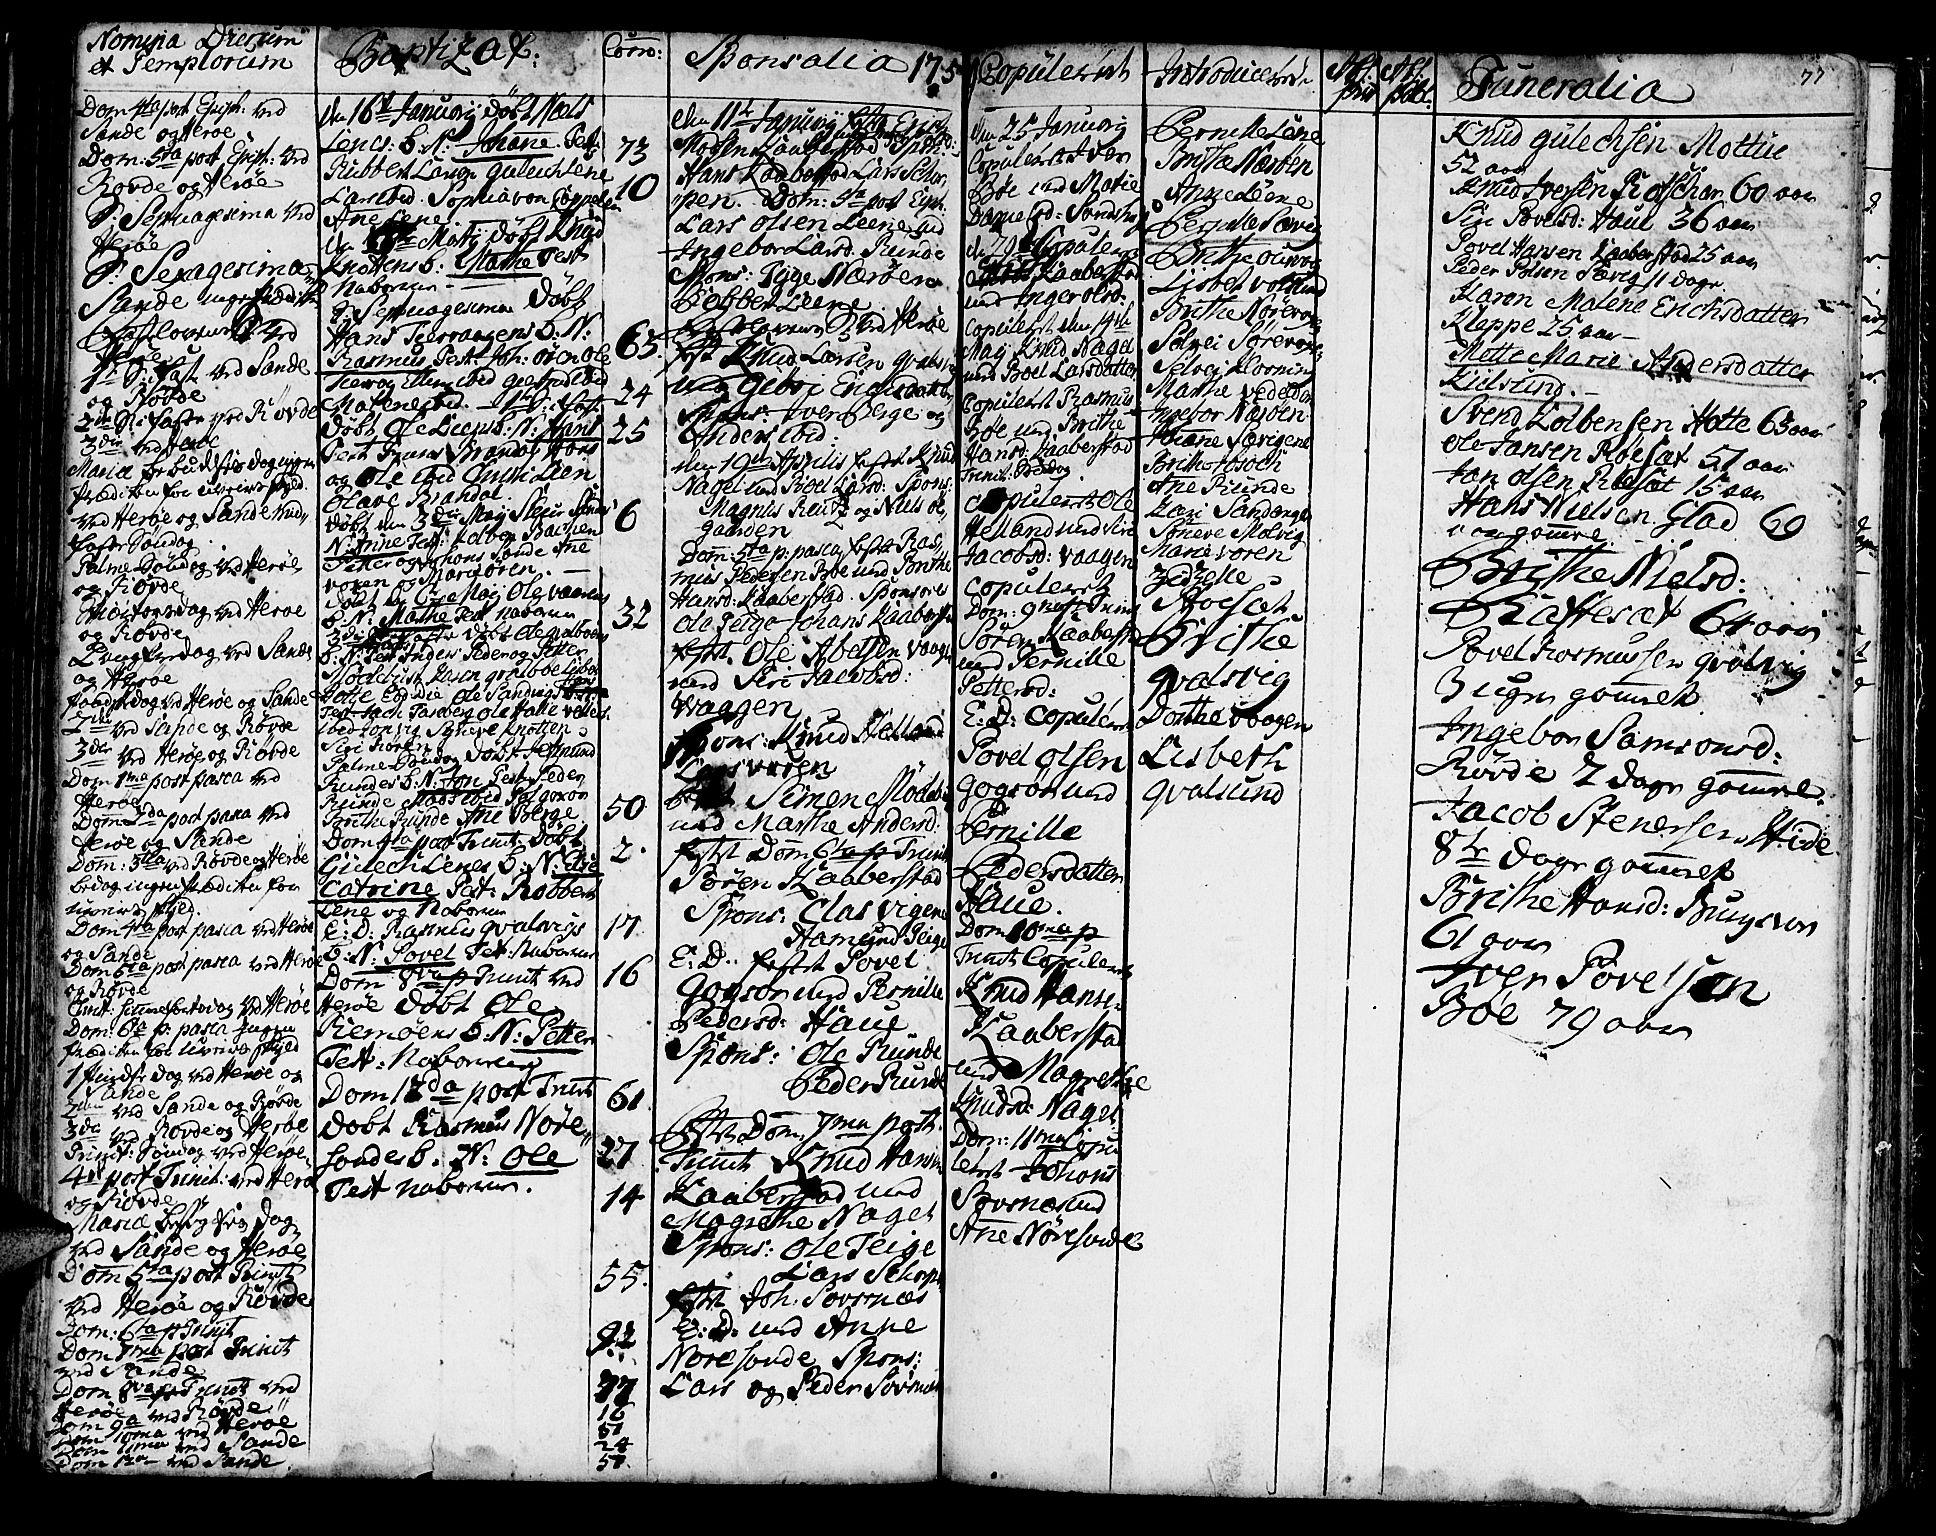 SAT, Ministerialprotokoller, klokkerbøker og fødselsregistre - Møre og Romsdal, 507/L0066: Ministerialbok nr. 507A01, 1731-1766, s. 77